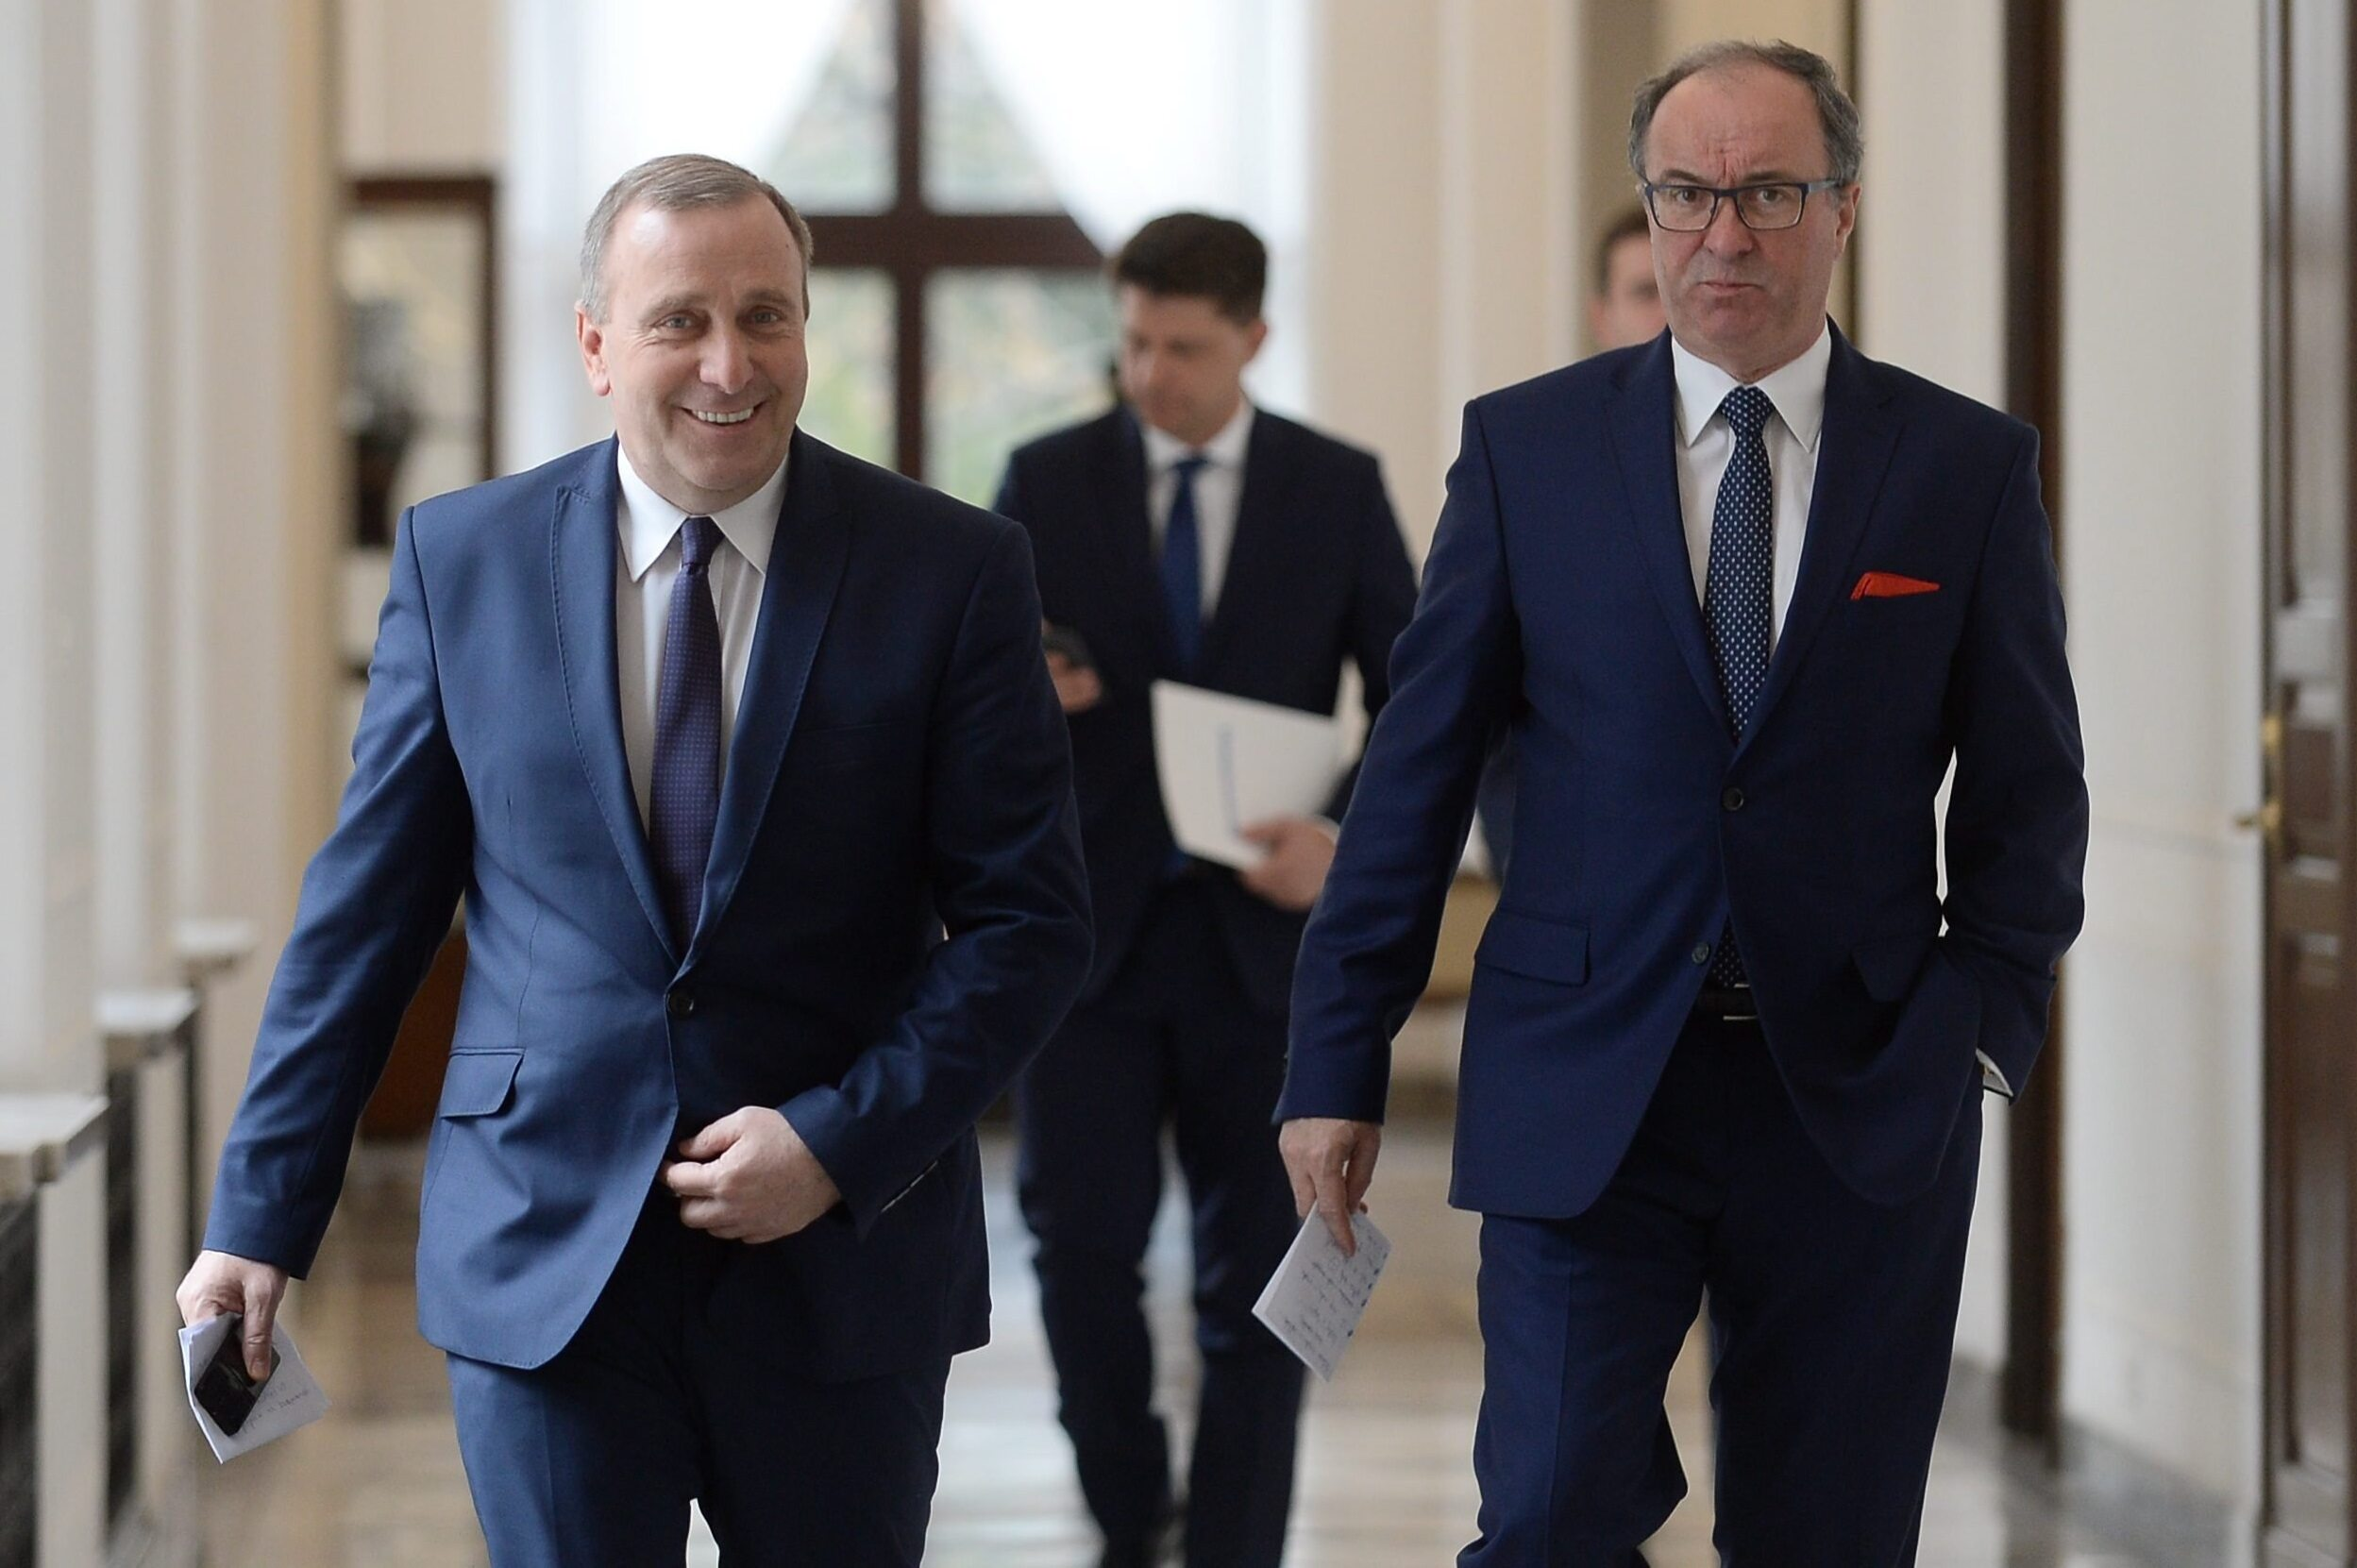 Grzegorz Schetyna, Ryszard Petru, Włodzimierz Czarzasty